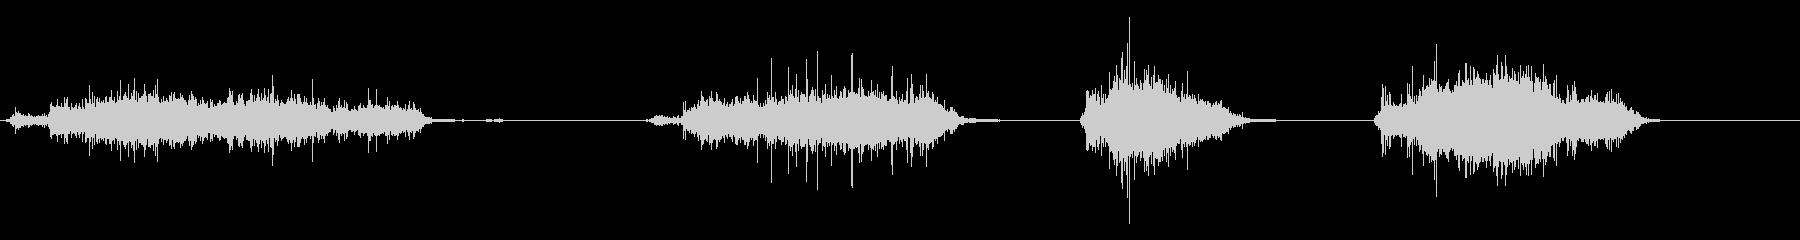 ほうきをかける効果音 01の未再生の波形